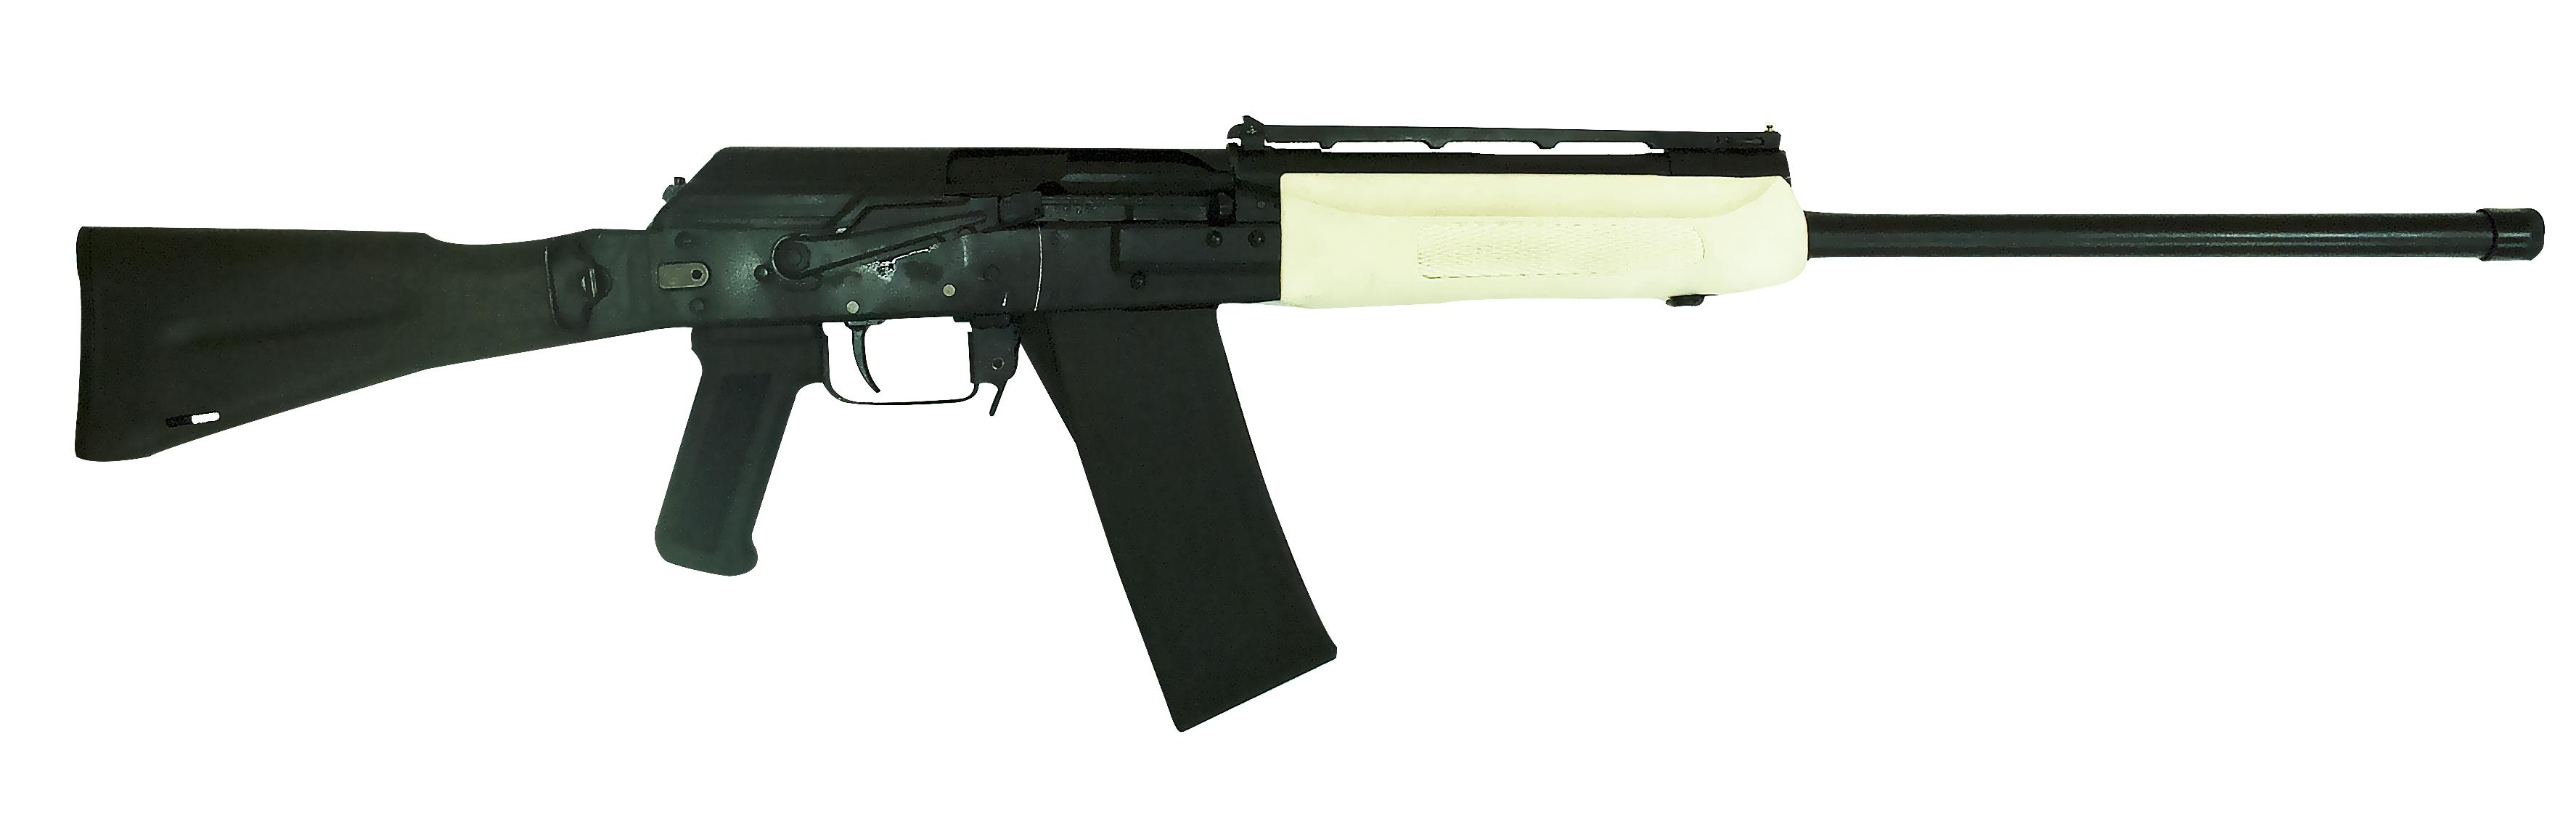 Гладкоствольное ружье Сайга-410С